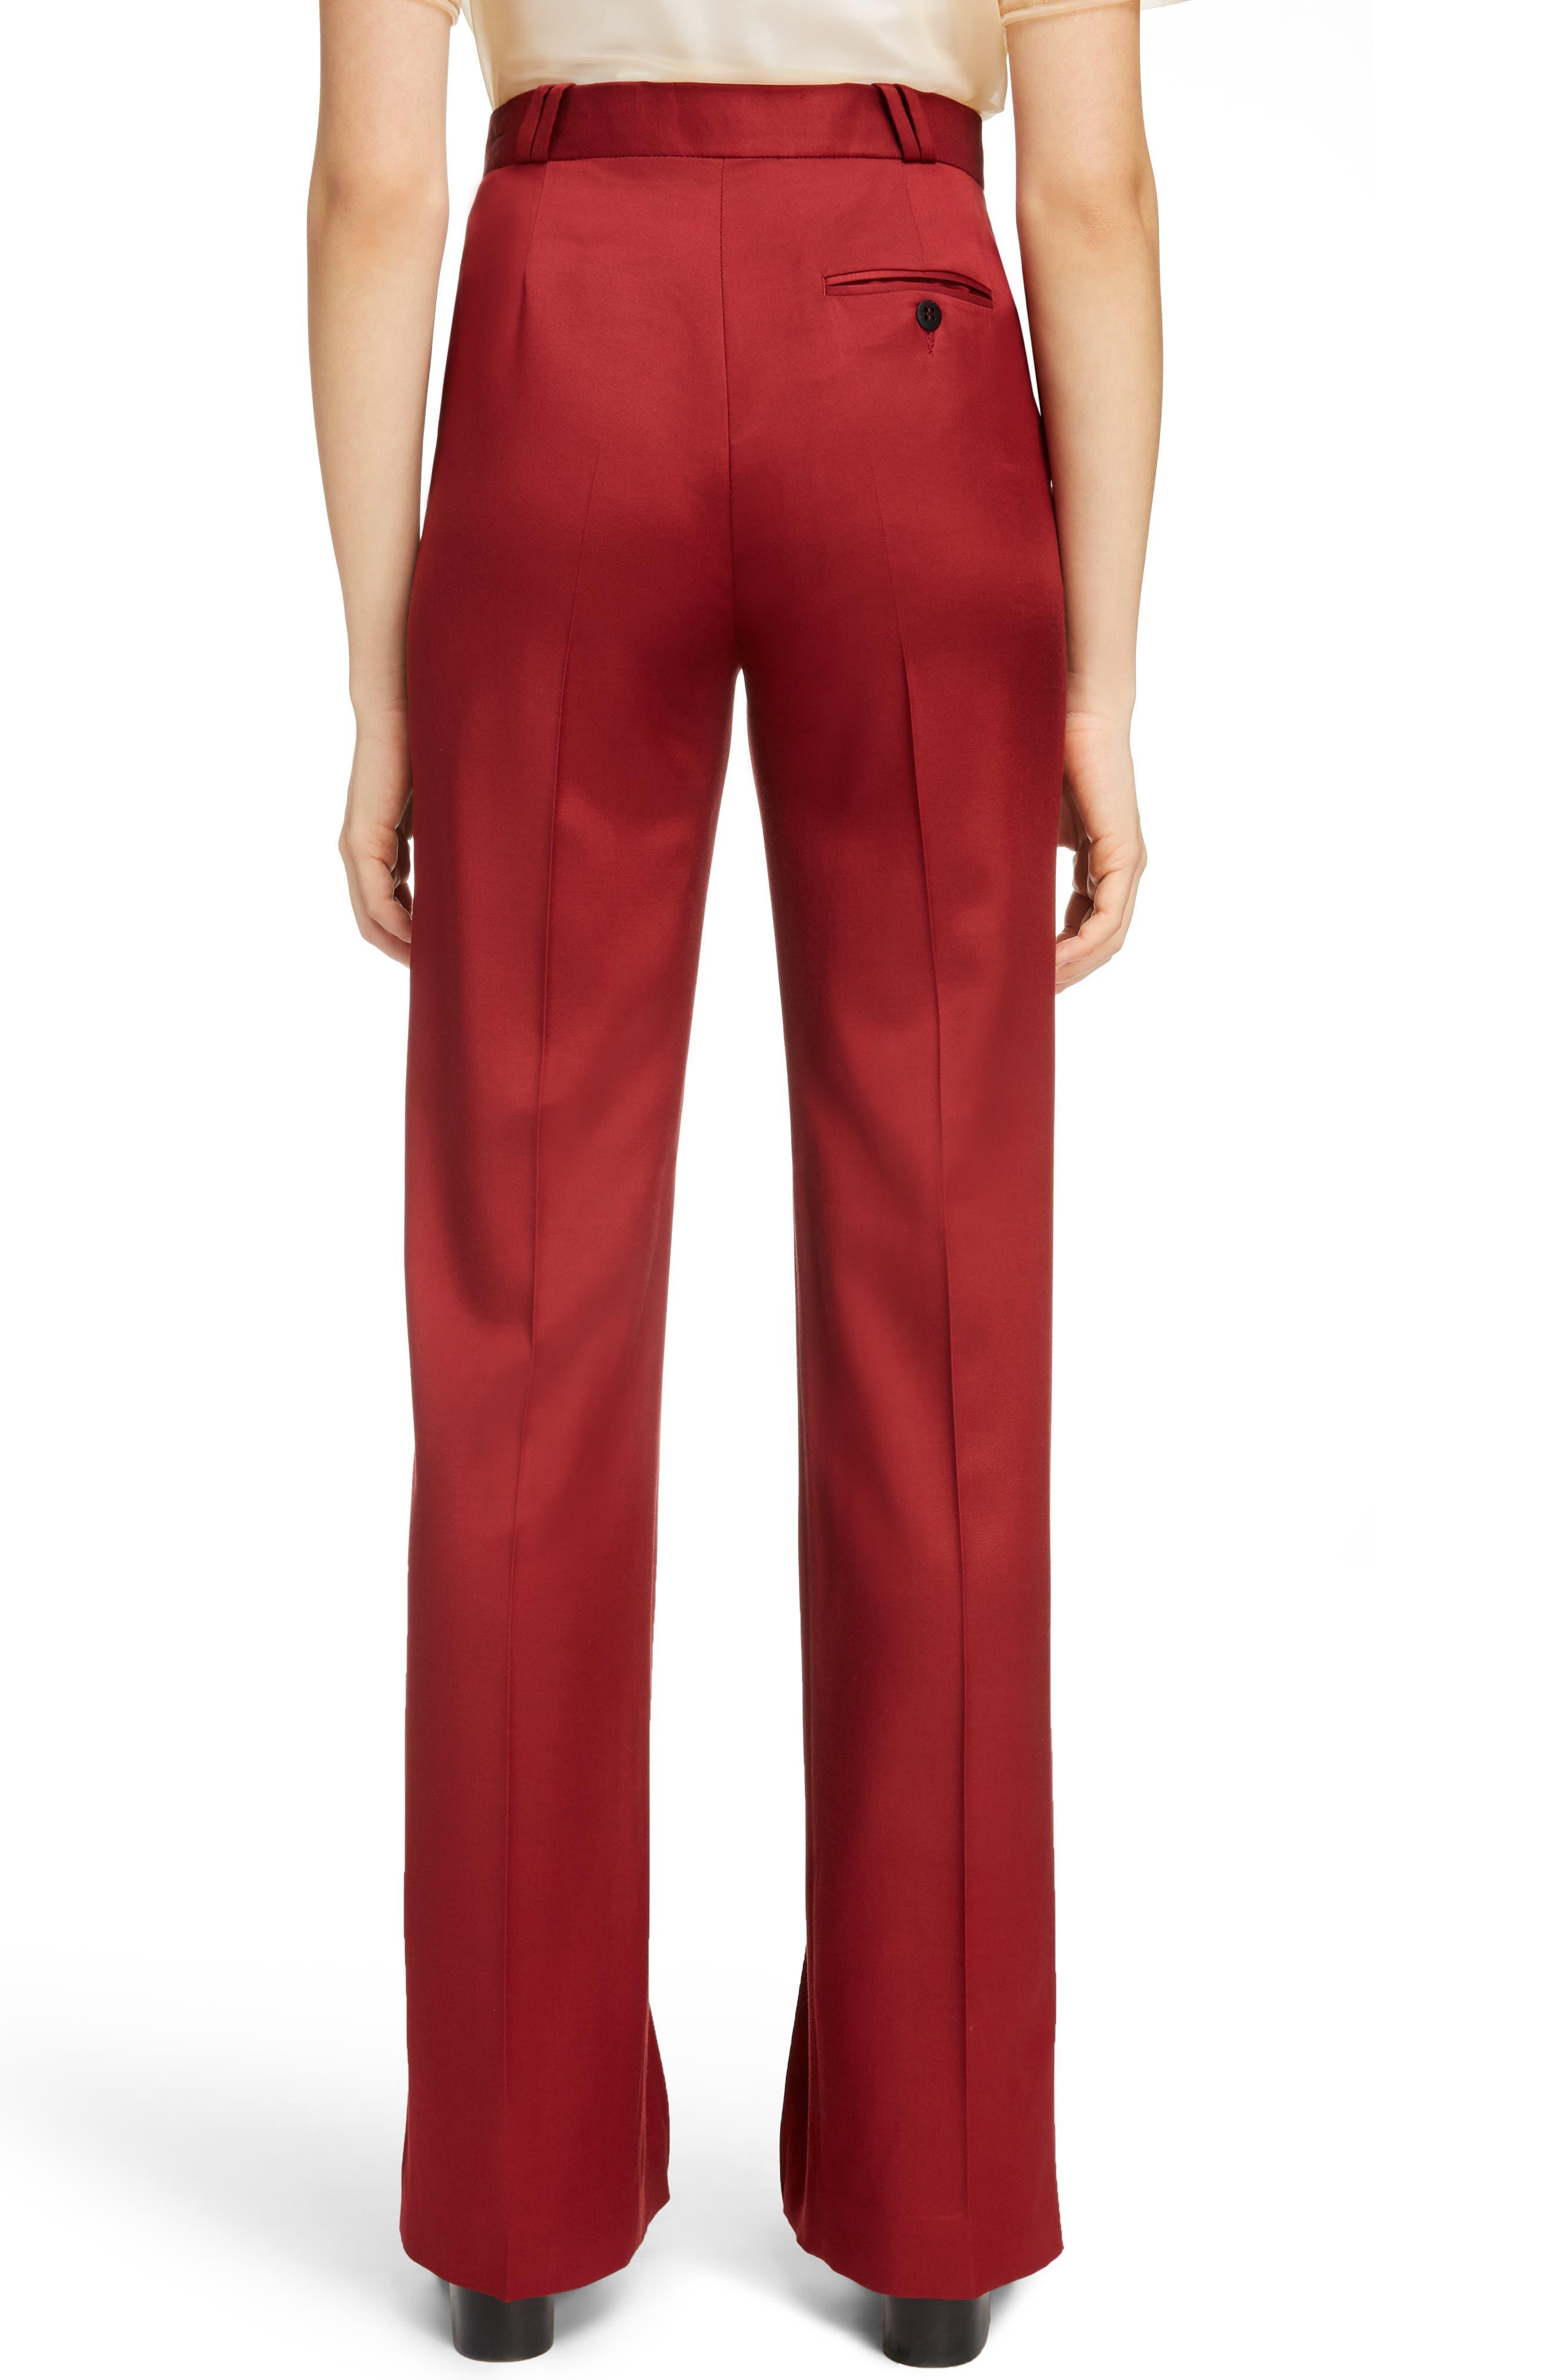 Tohny Suit Pants,                             Alternate thumbnail 3, color,                             Crimson Red